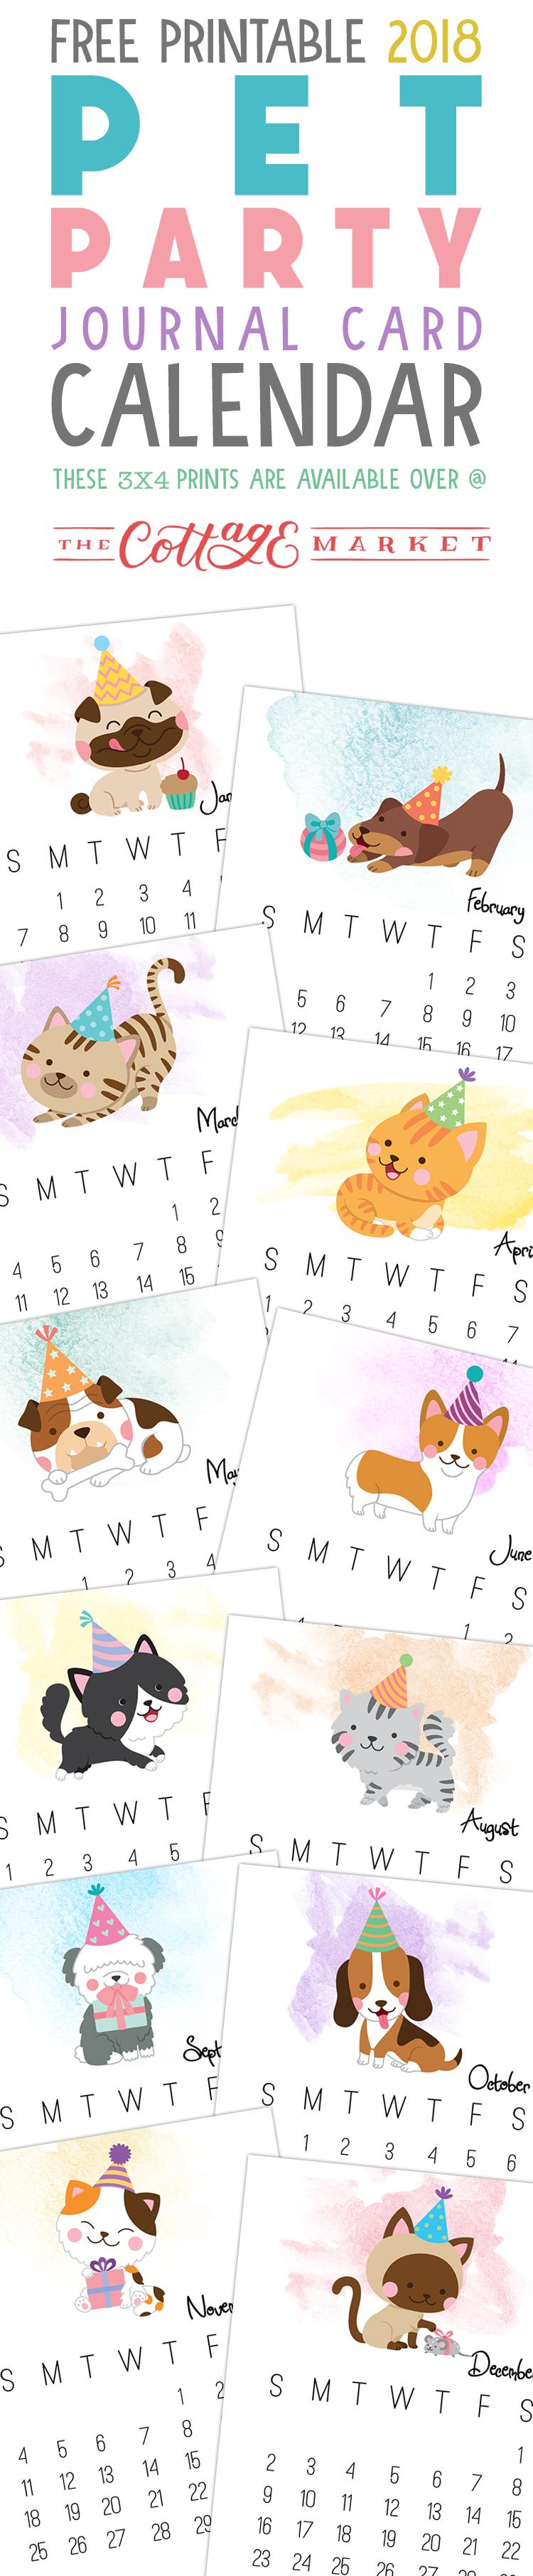 http://thecottagemarket.com/wp-content/uploads/2017/11/TCM-DogsandCats-JournalCard-2018-Calendar-T-1.jpg